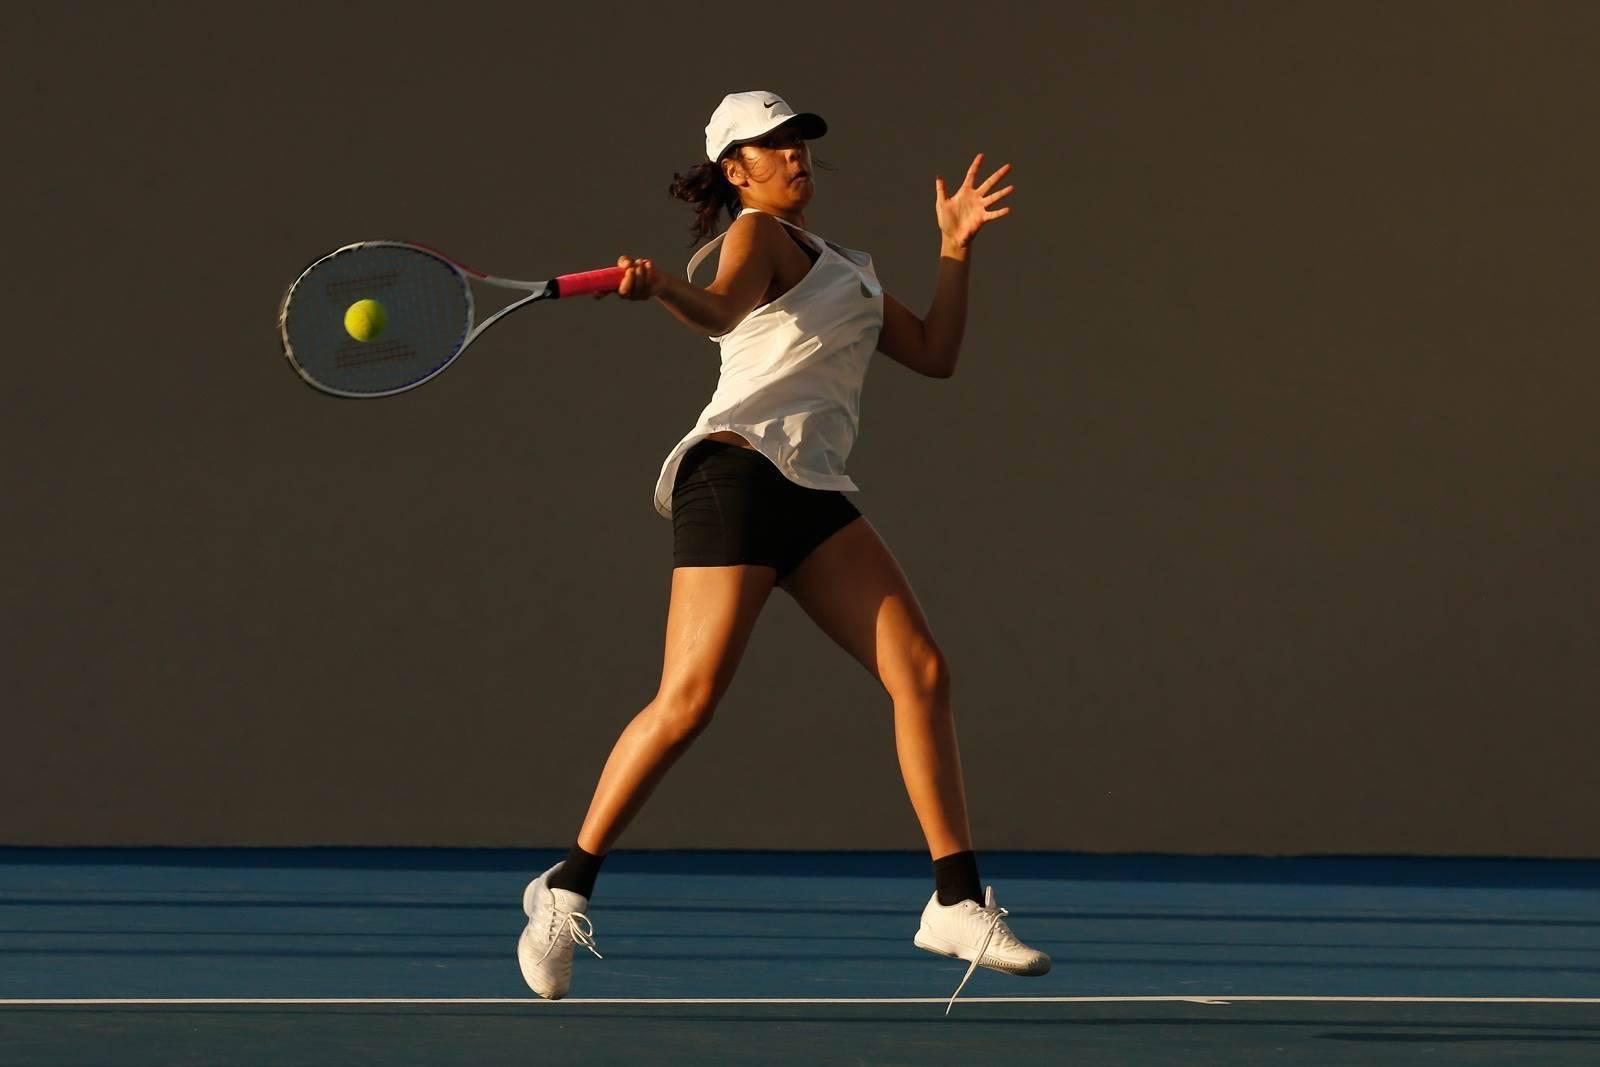 Tennis Ligen Reihenfolge